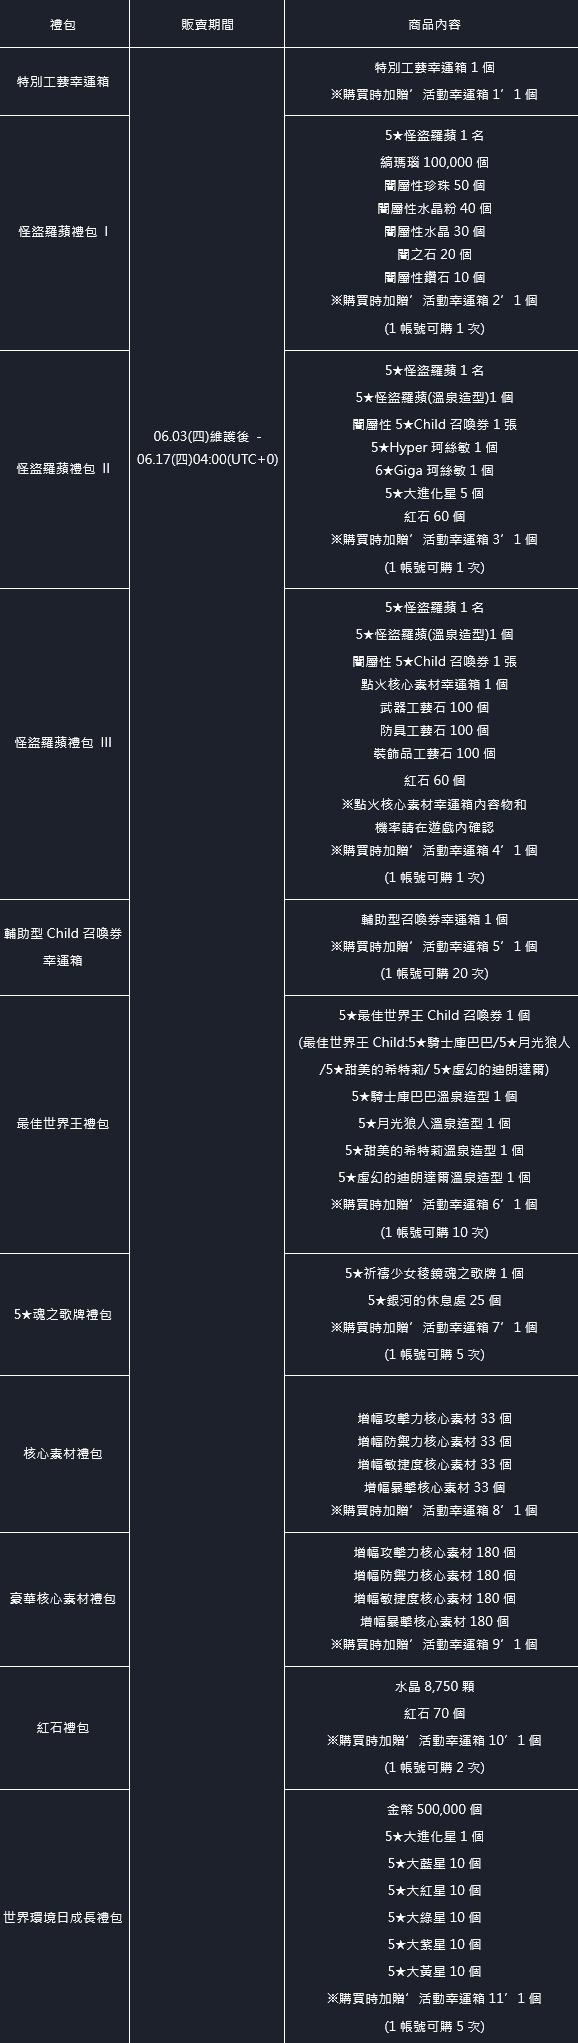 命運之子: 歷史新聞/活動 - 21/06/03 改版公告 image 50